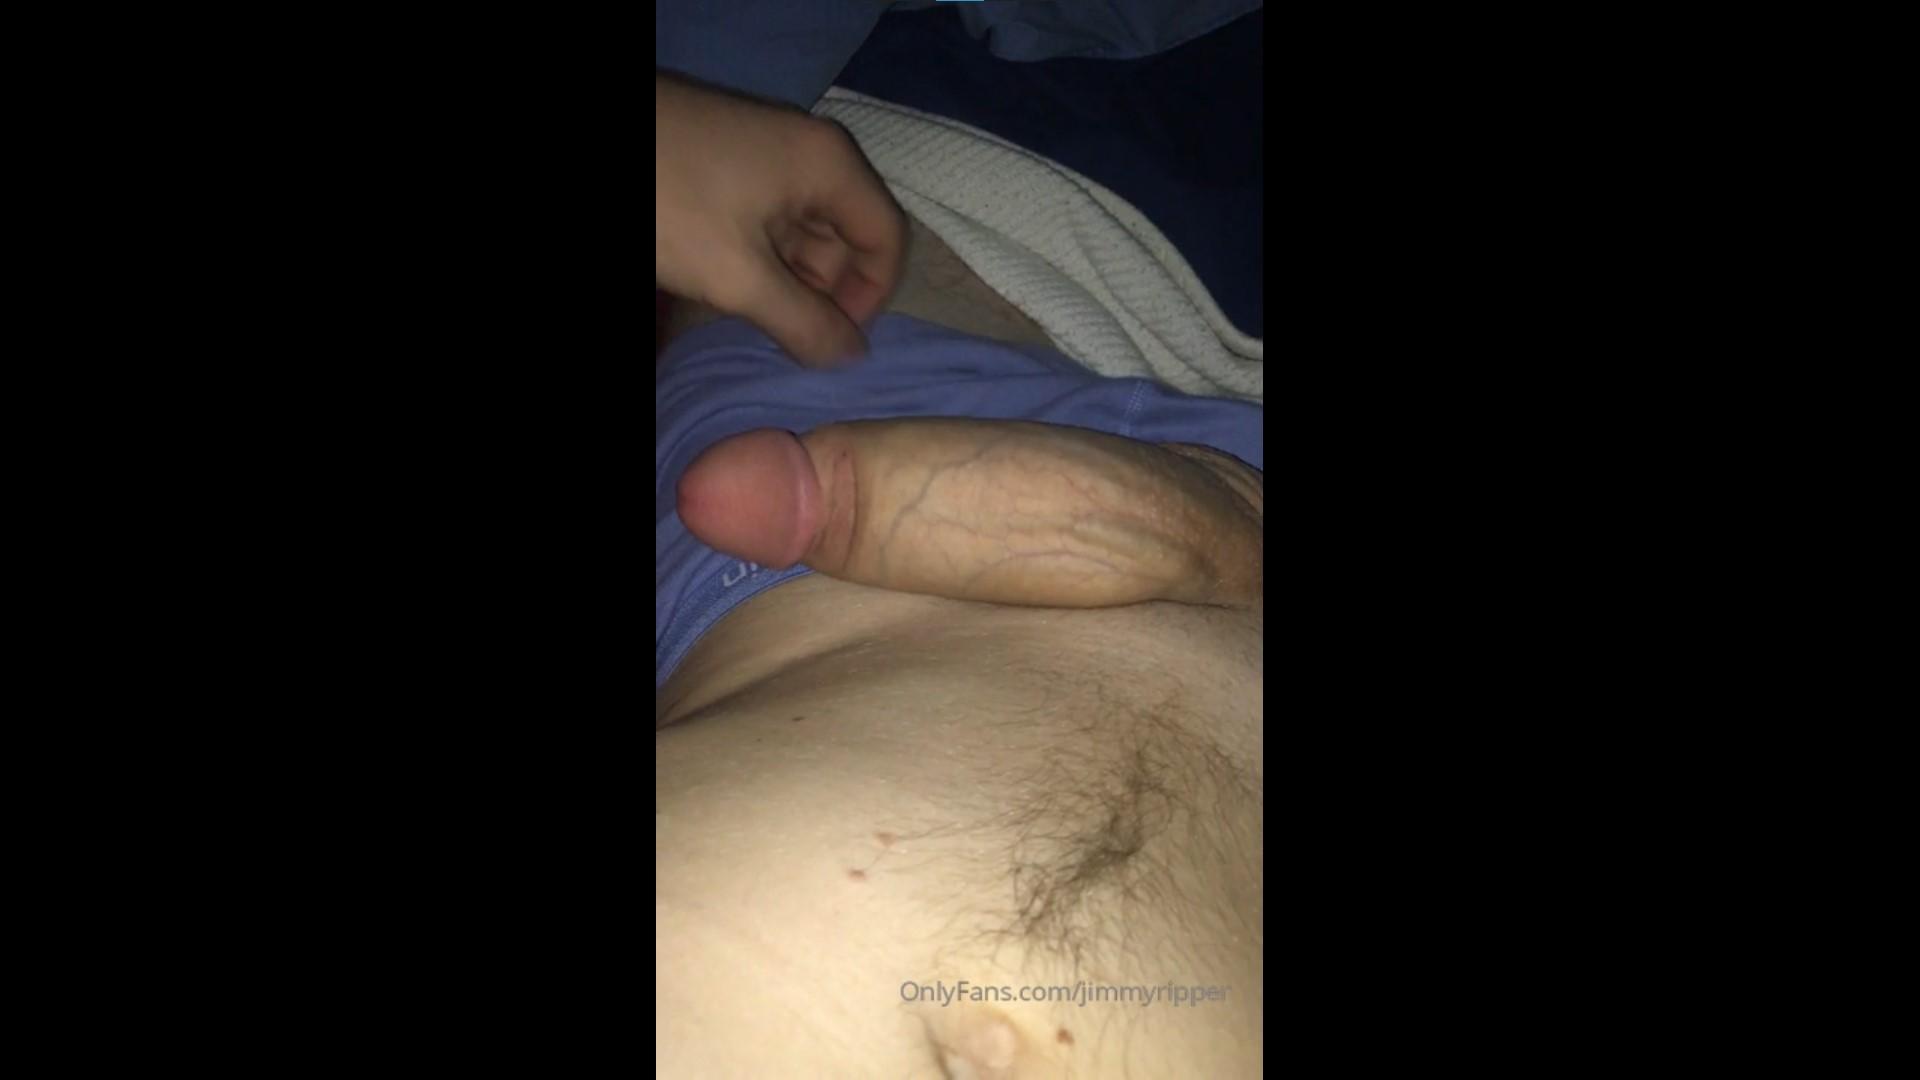 Showing off my huge floppy cock - JimmyRipper